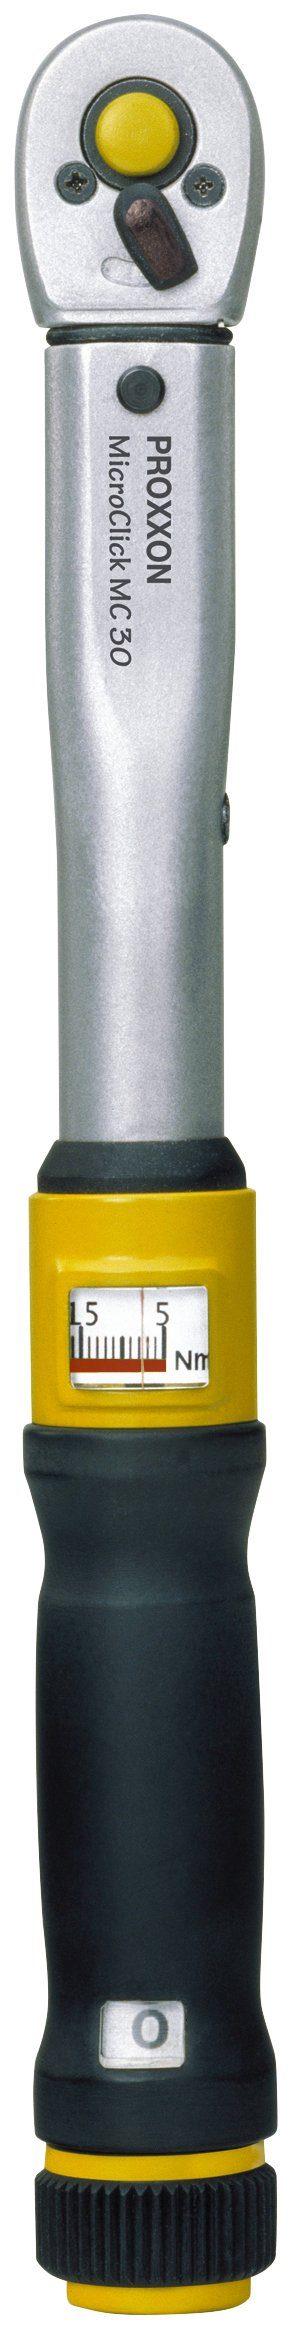 """PROXXON Drehmomentschlüssel »MicroClick MC 30, 6 - 30 Nm, 1/4""""«"""